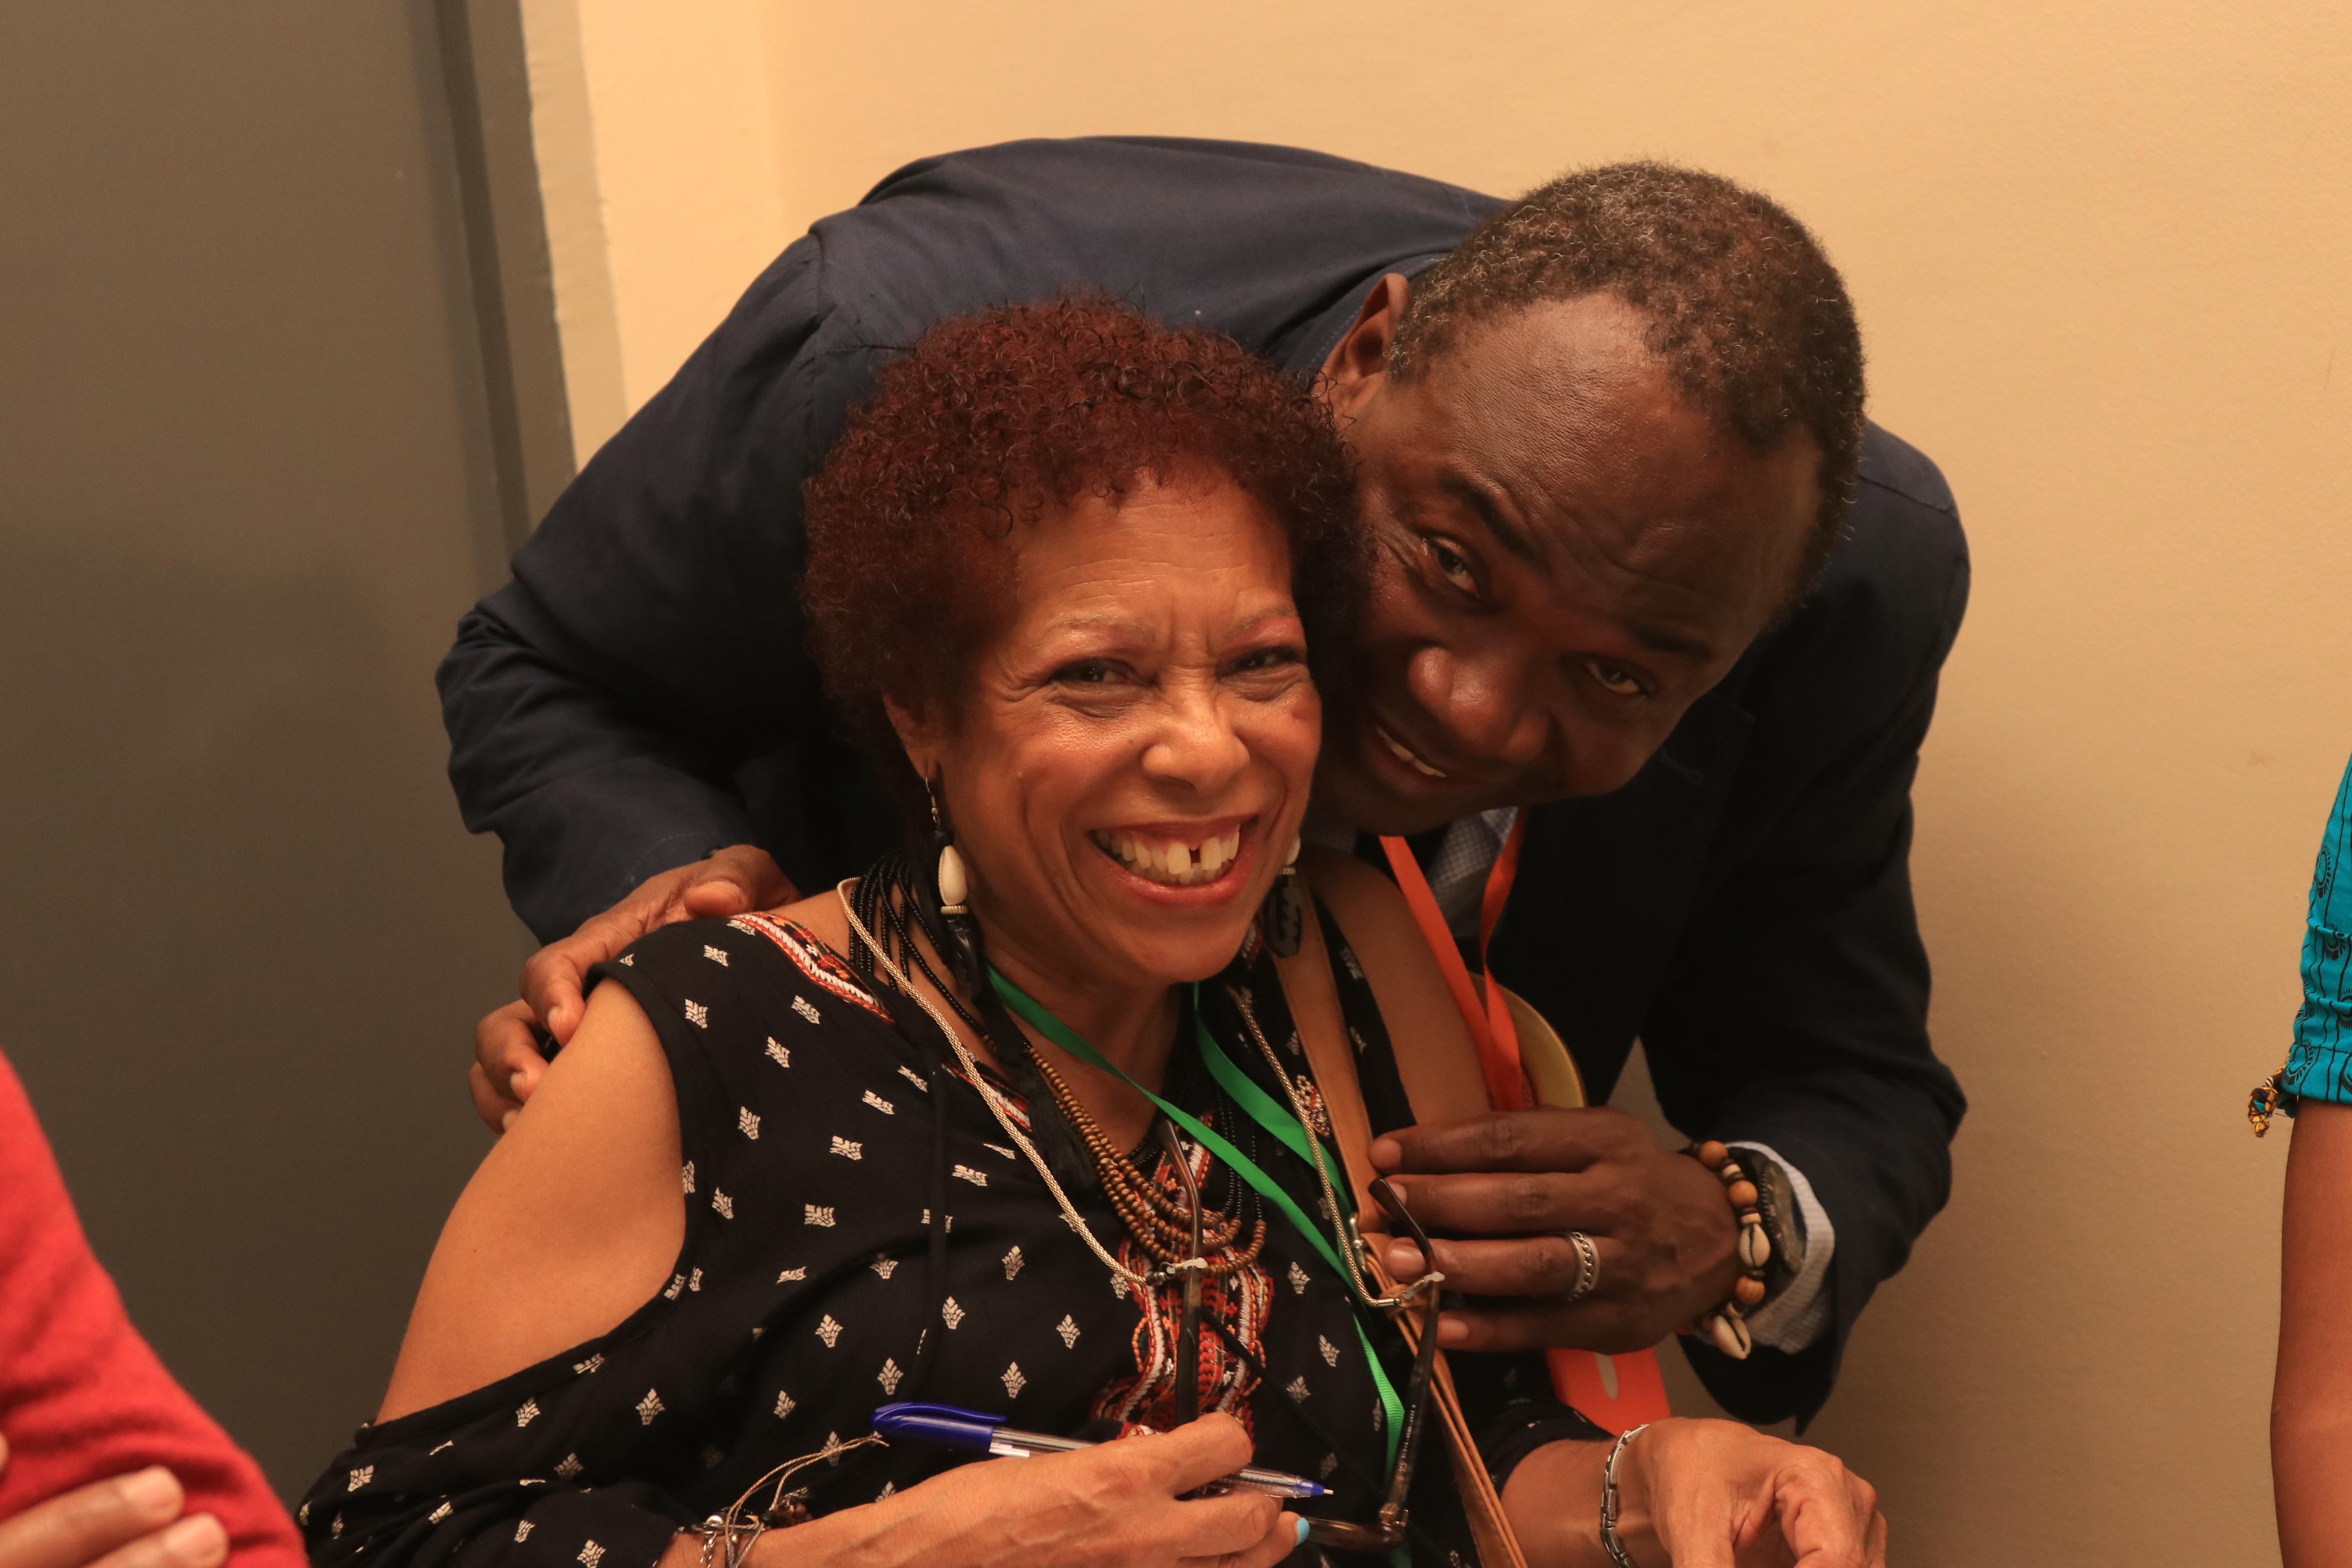 Congrès d'Abidjan 2019 - 12